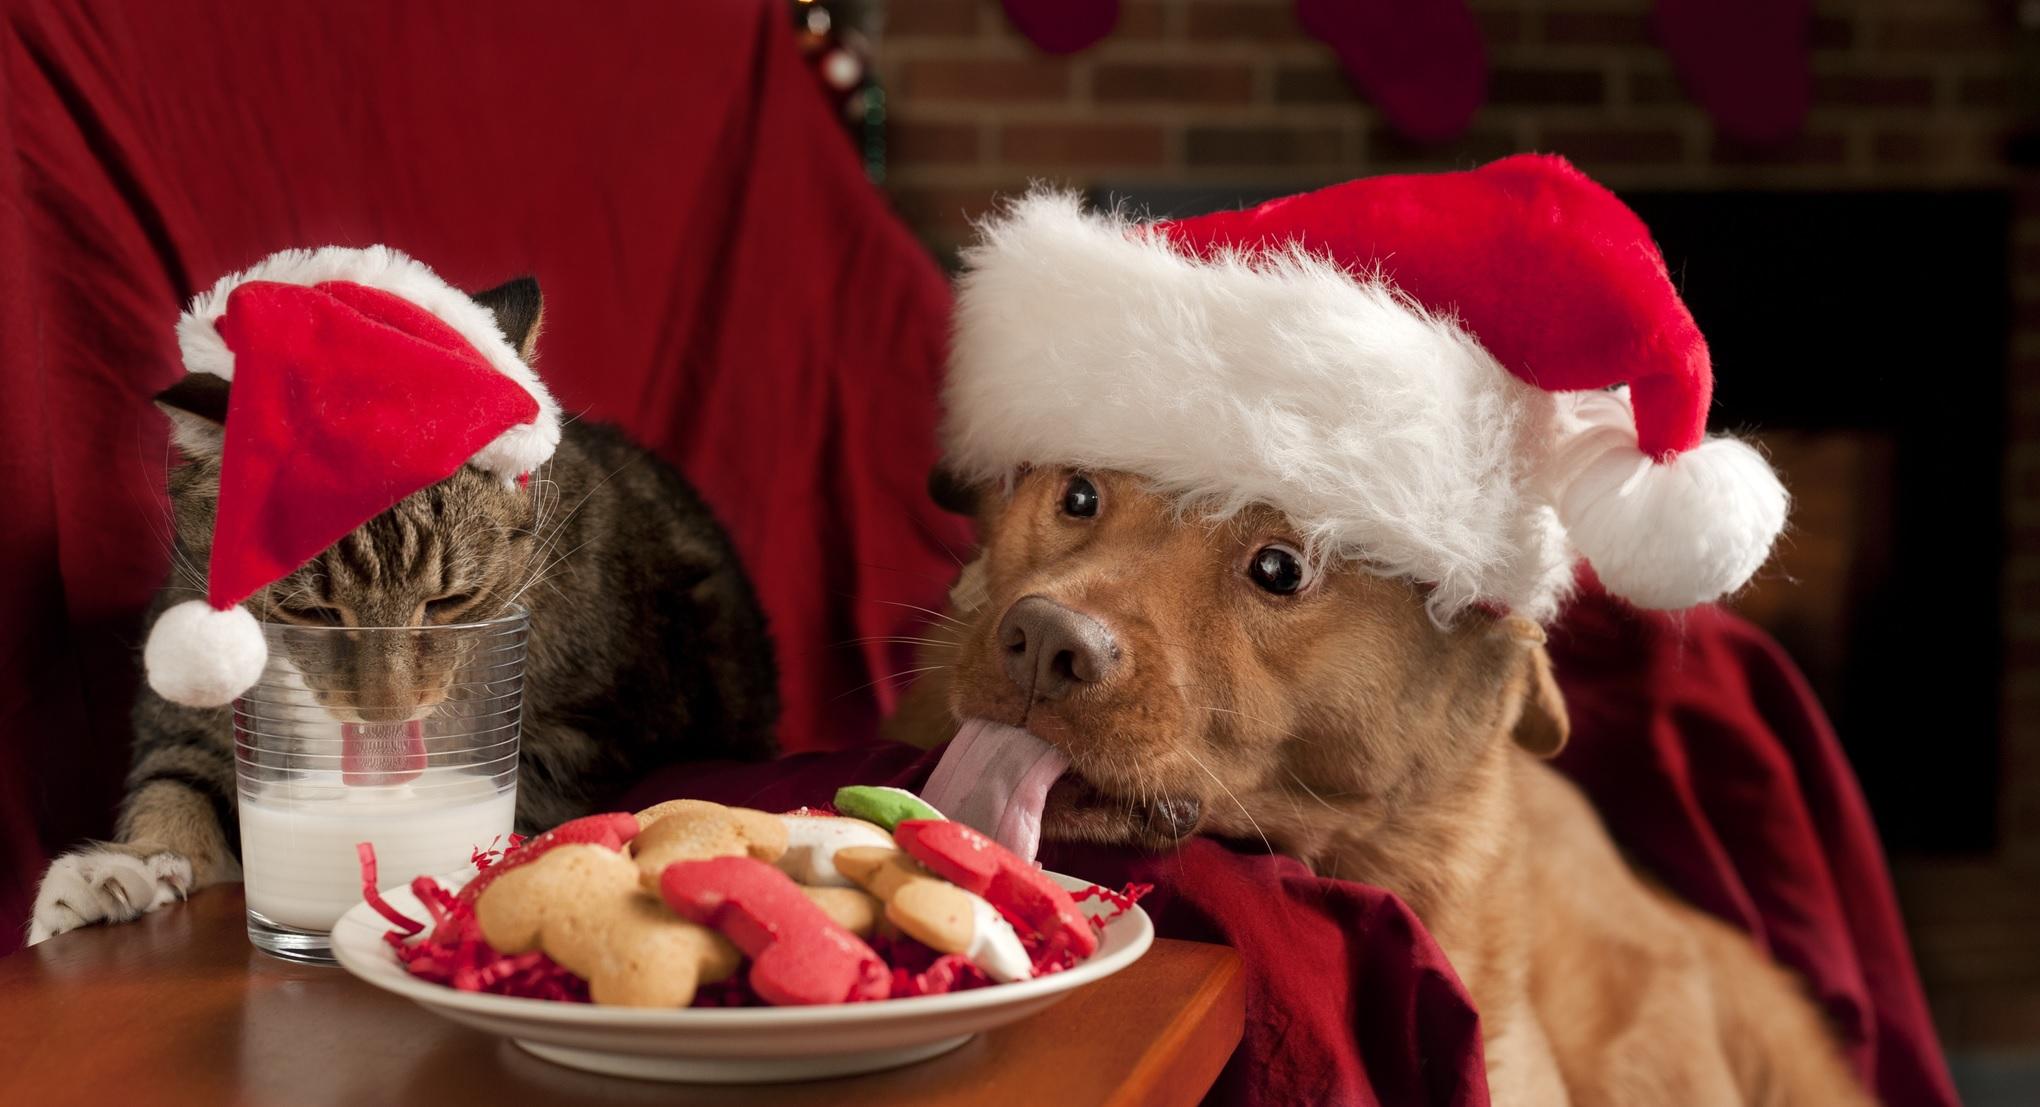 161204-Hond-Kat-feestdagen2.jpg